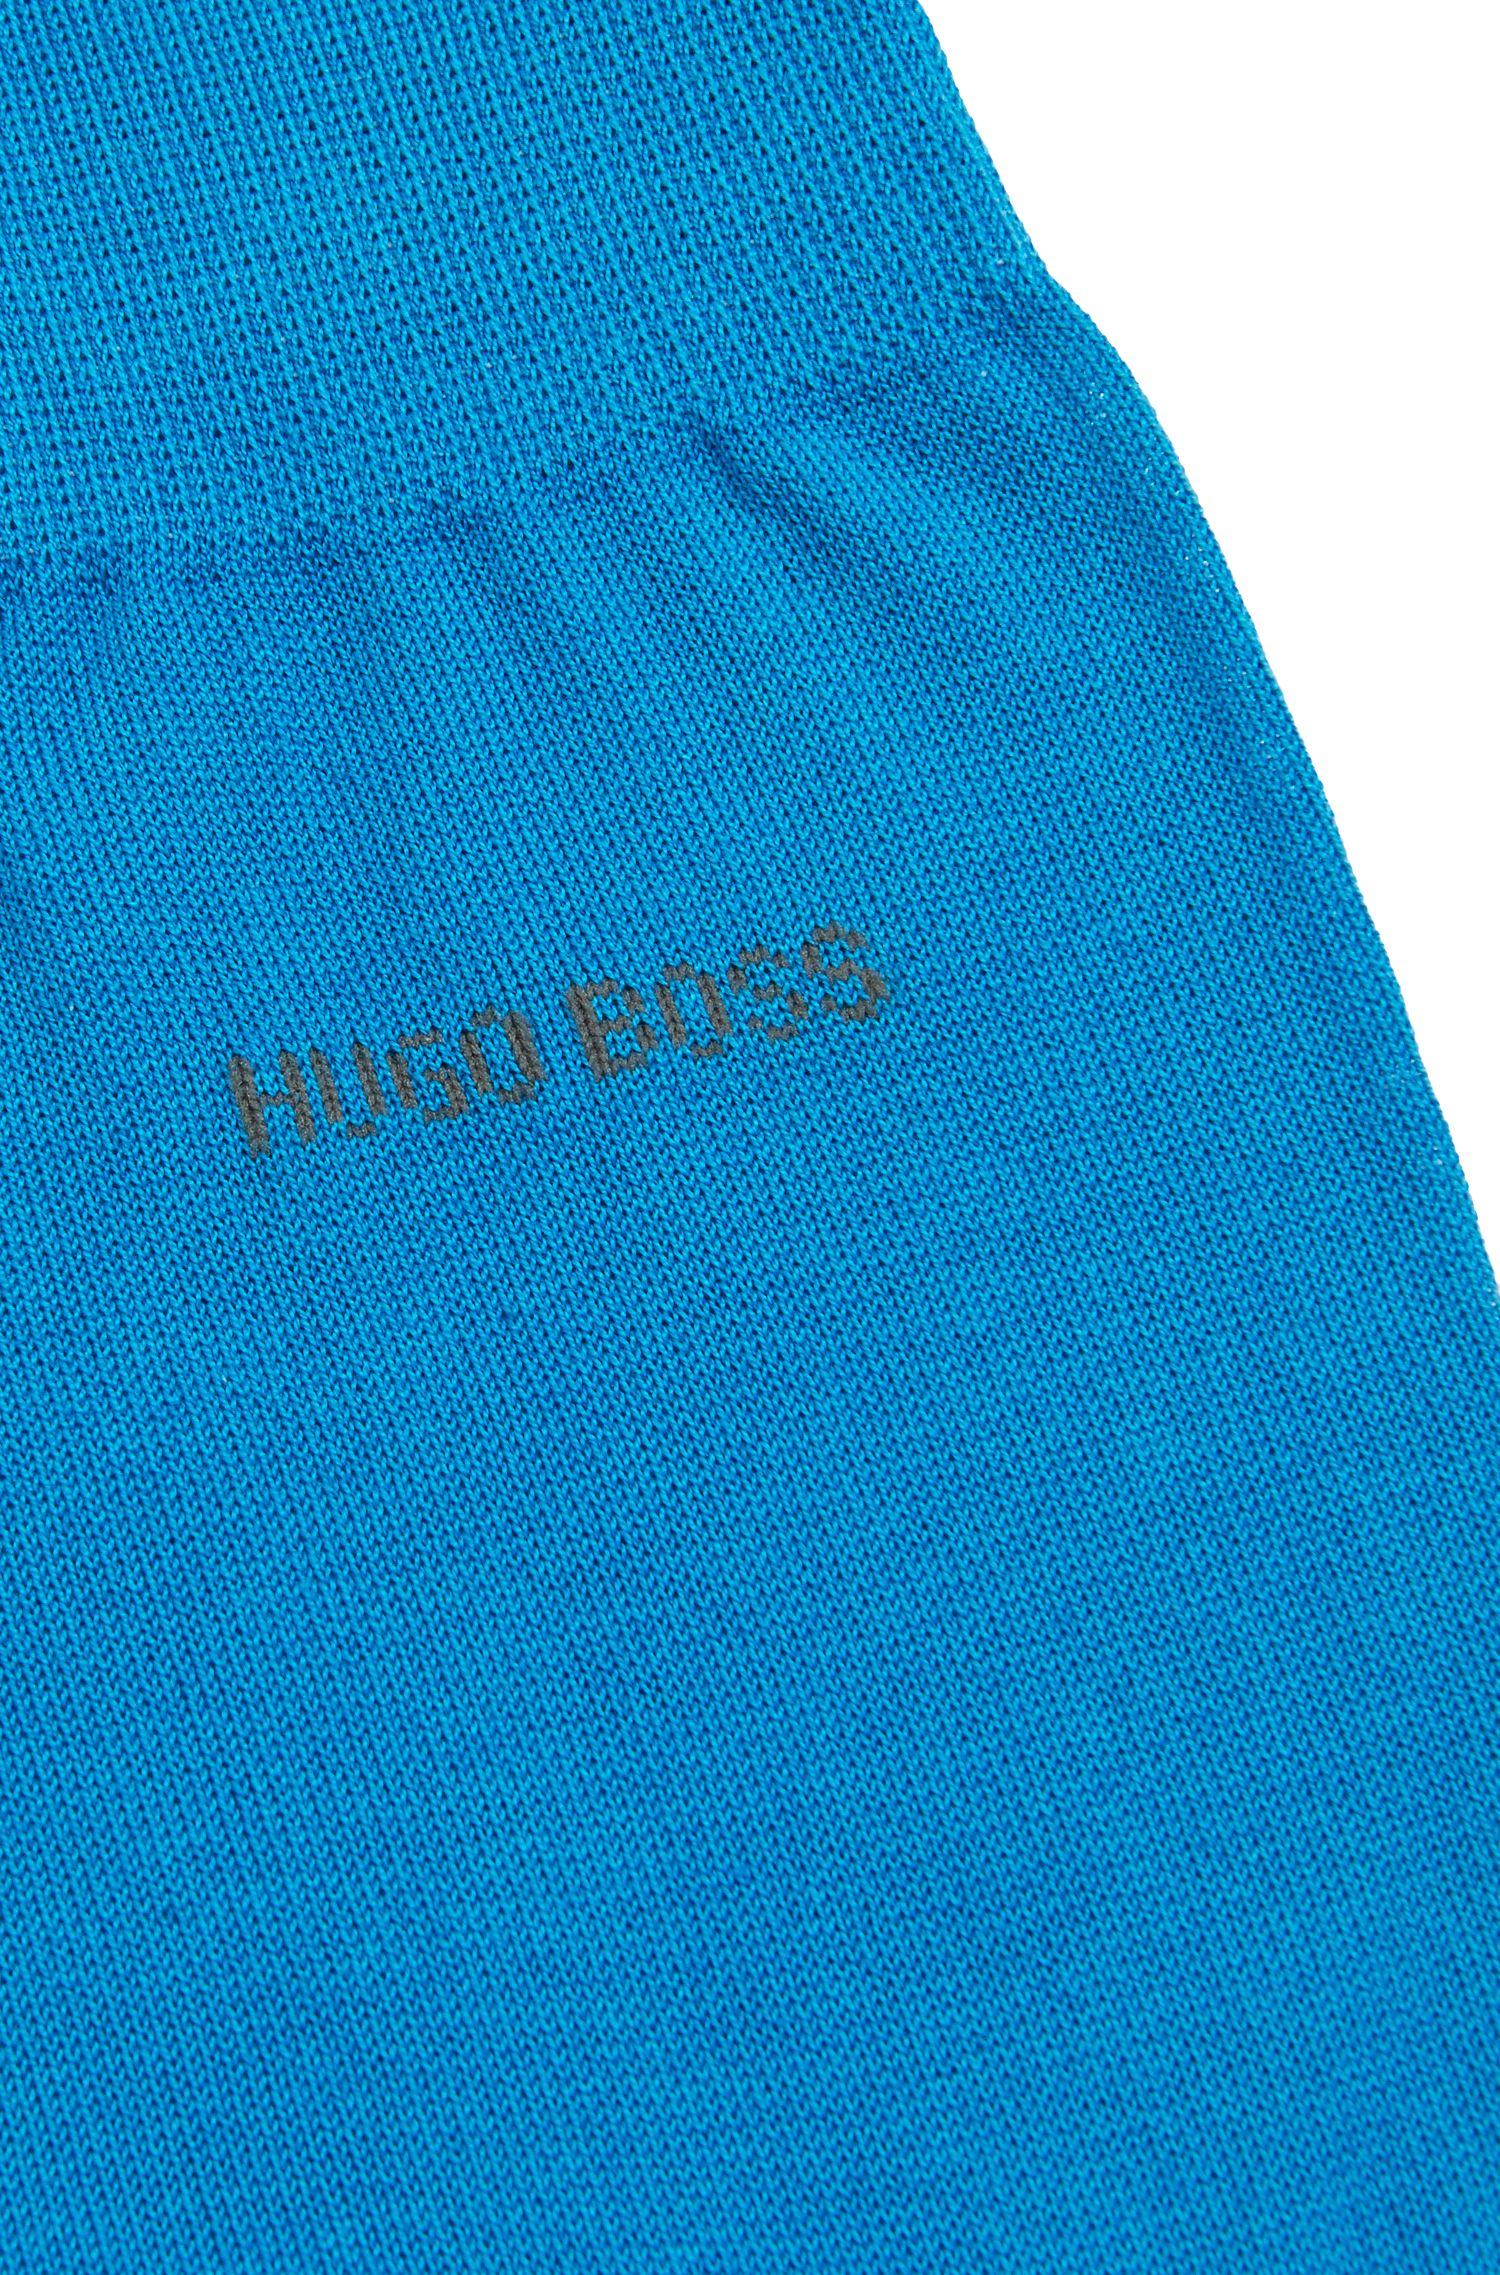 Chaussettes mi-hautes en coton mercerisé, Bleu